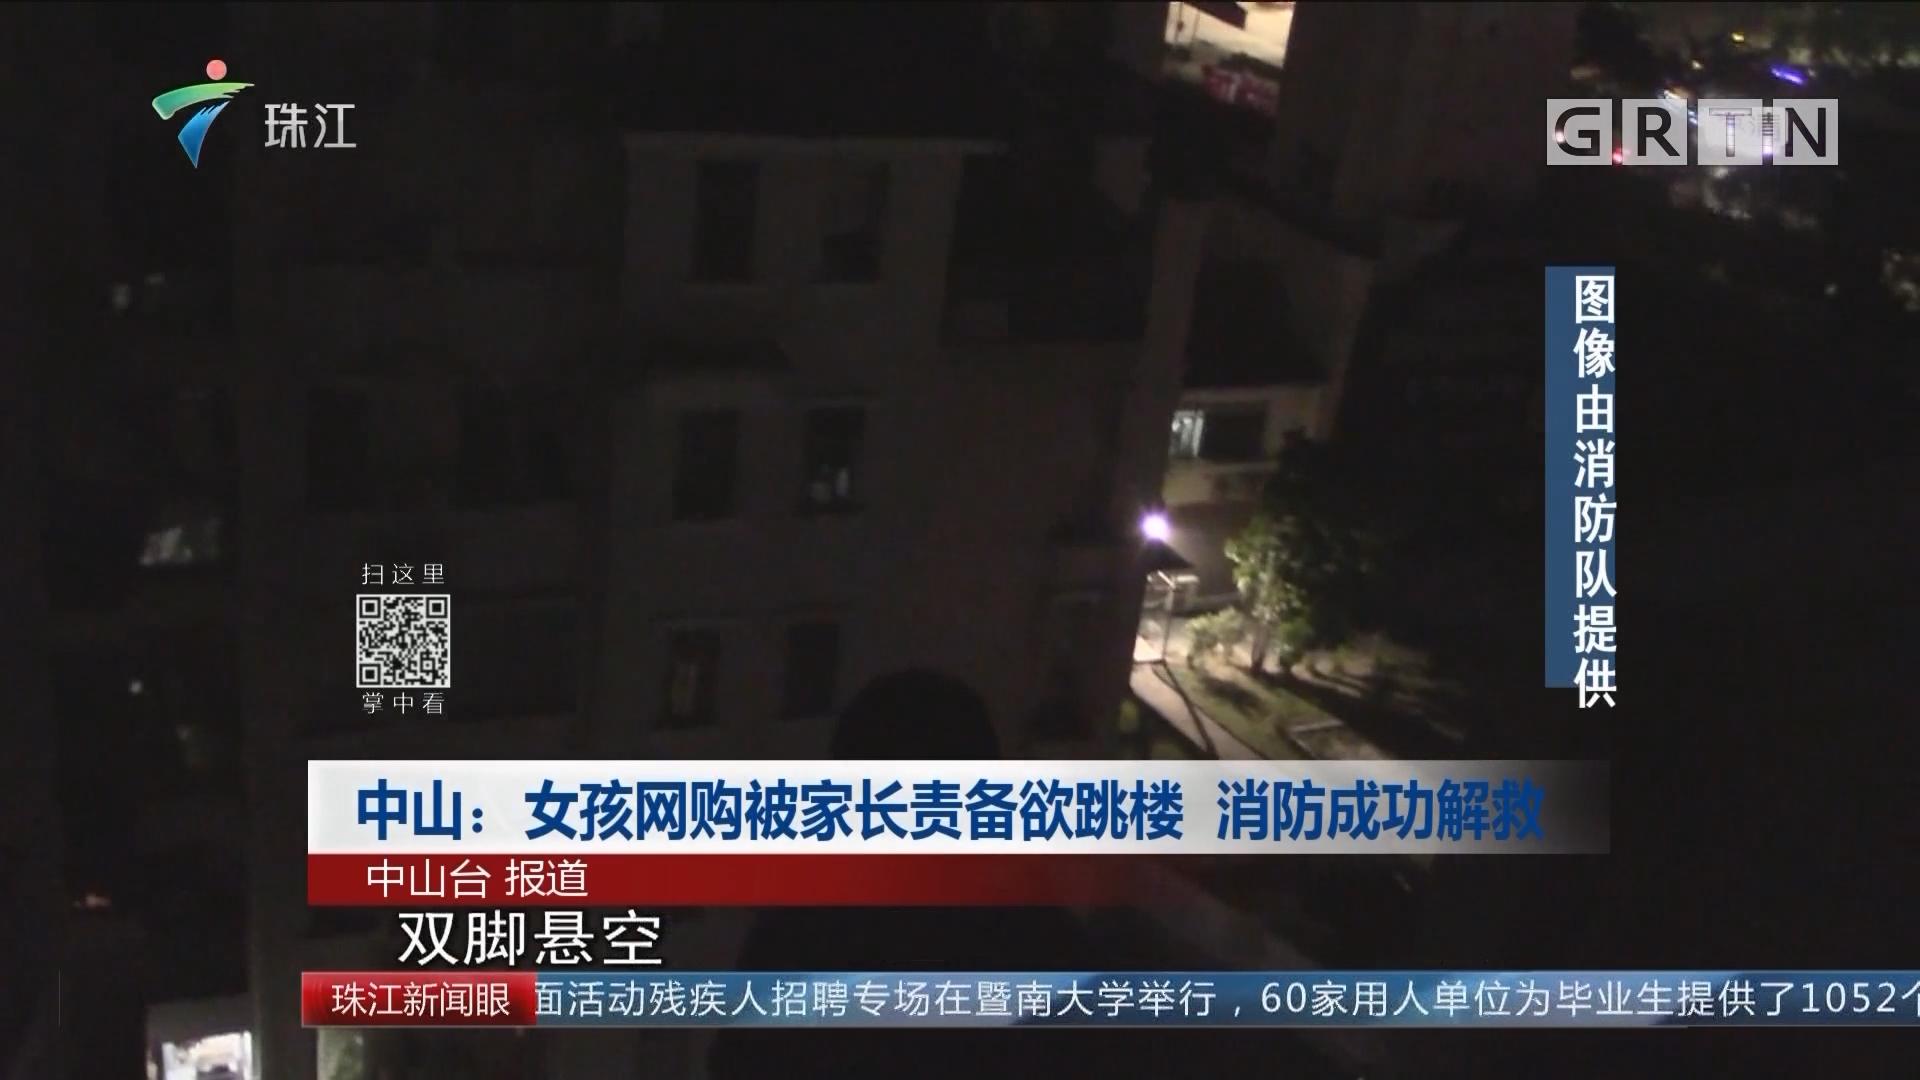 中山:女孩网购被家长责备欲跳楼 消防成功解救